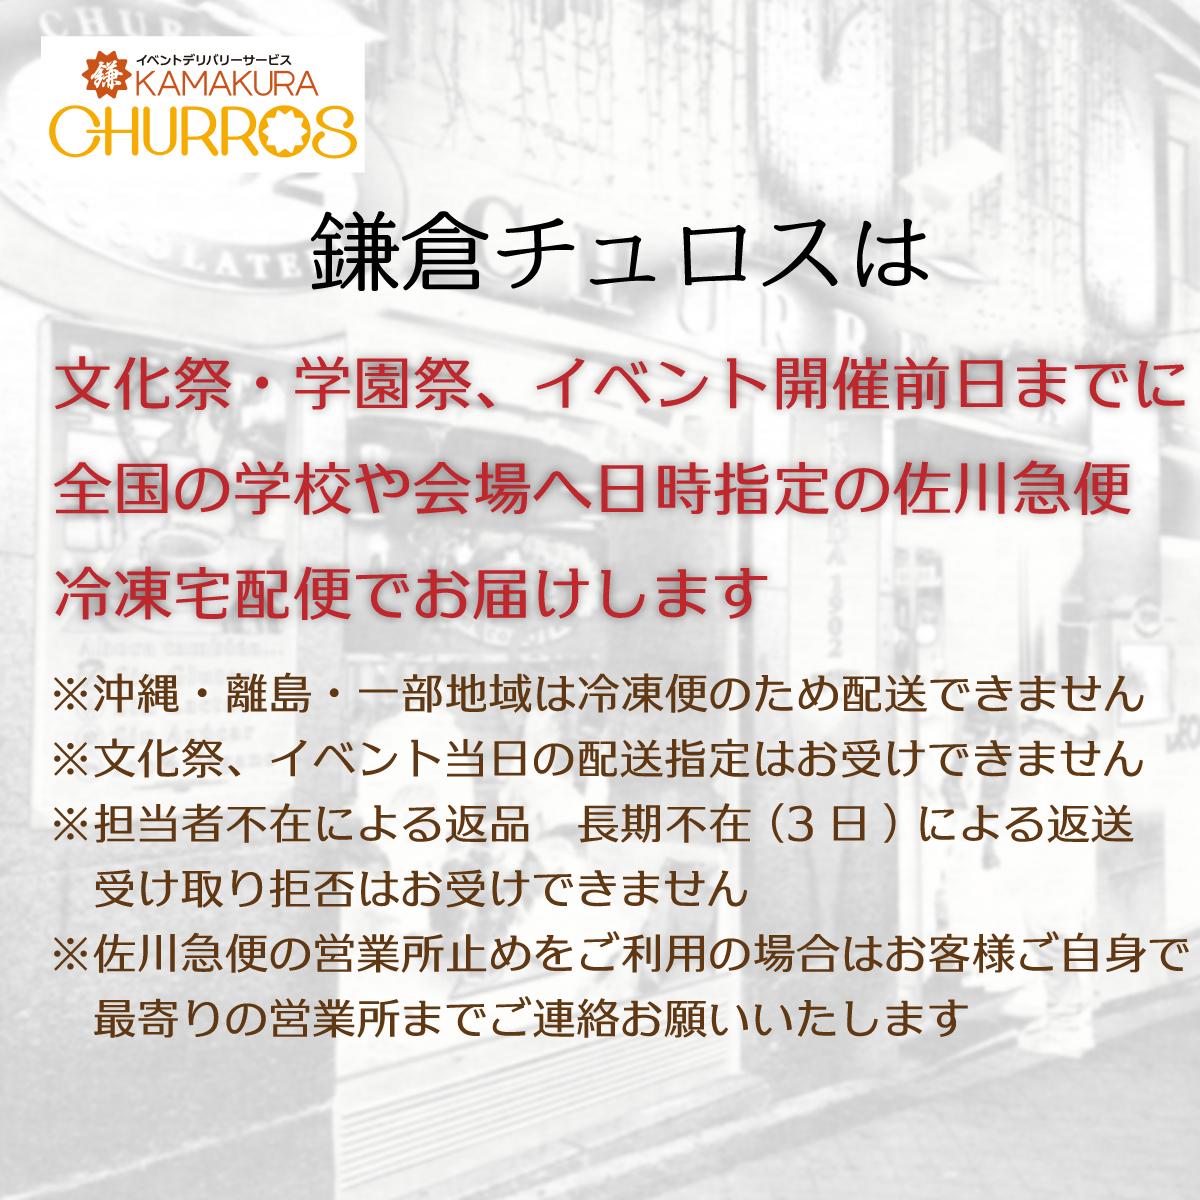 イベントデリバリーサービス【前日宅配便】(50本セット) 画像10